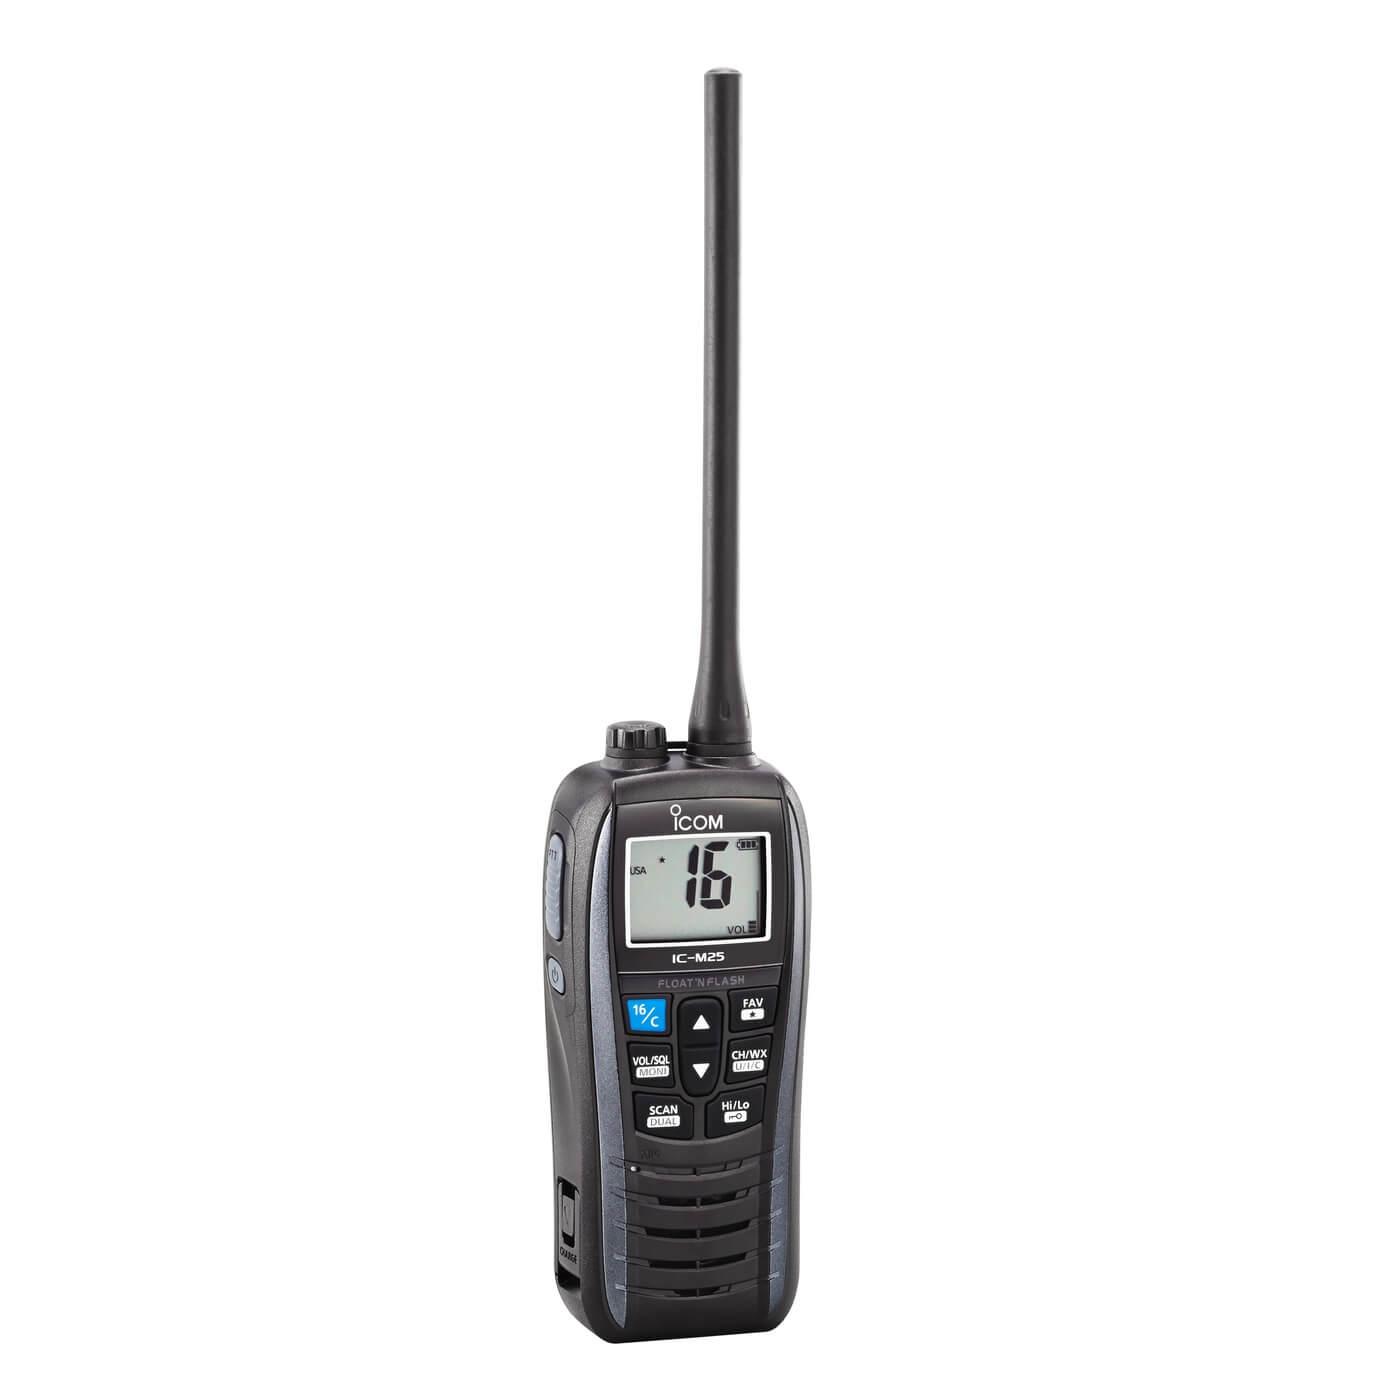 Icom IC-m25 VHF handheld radio